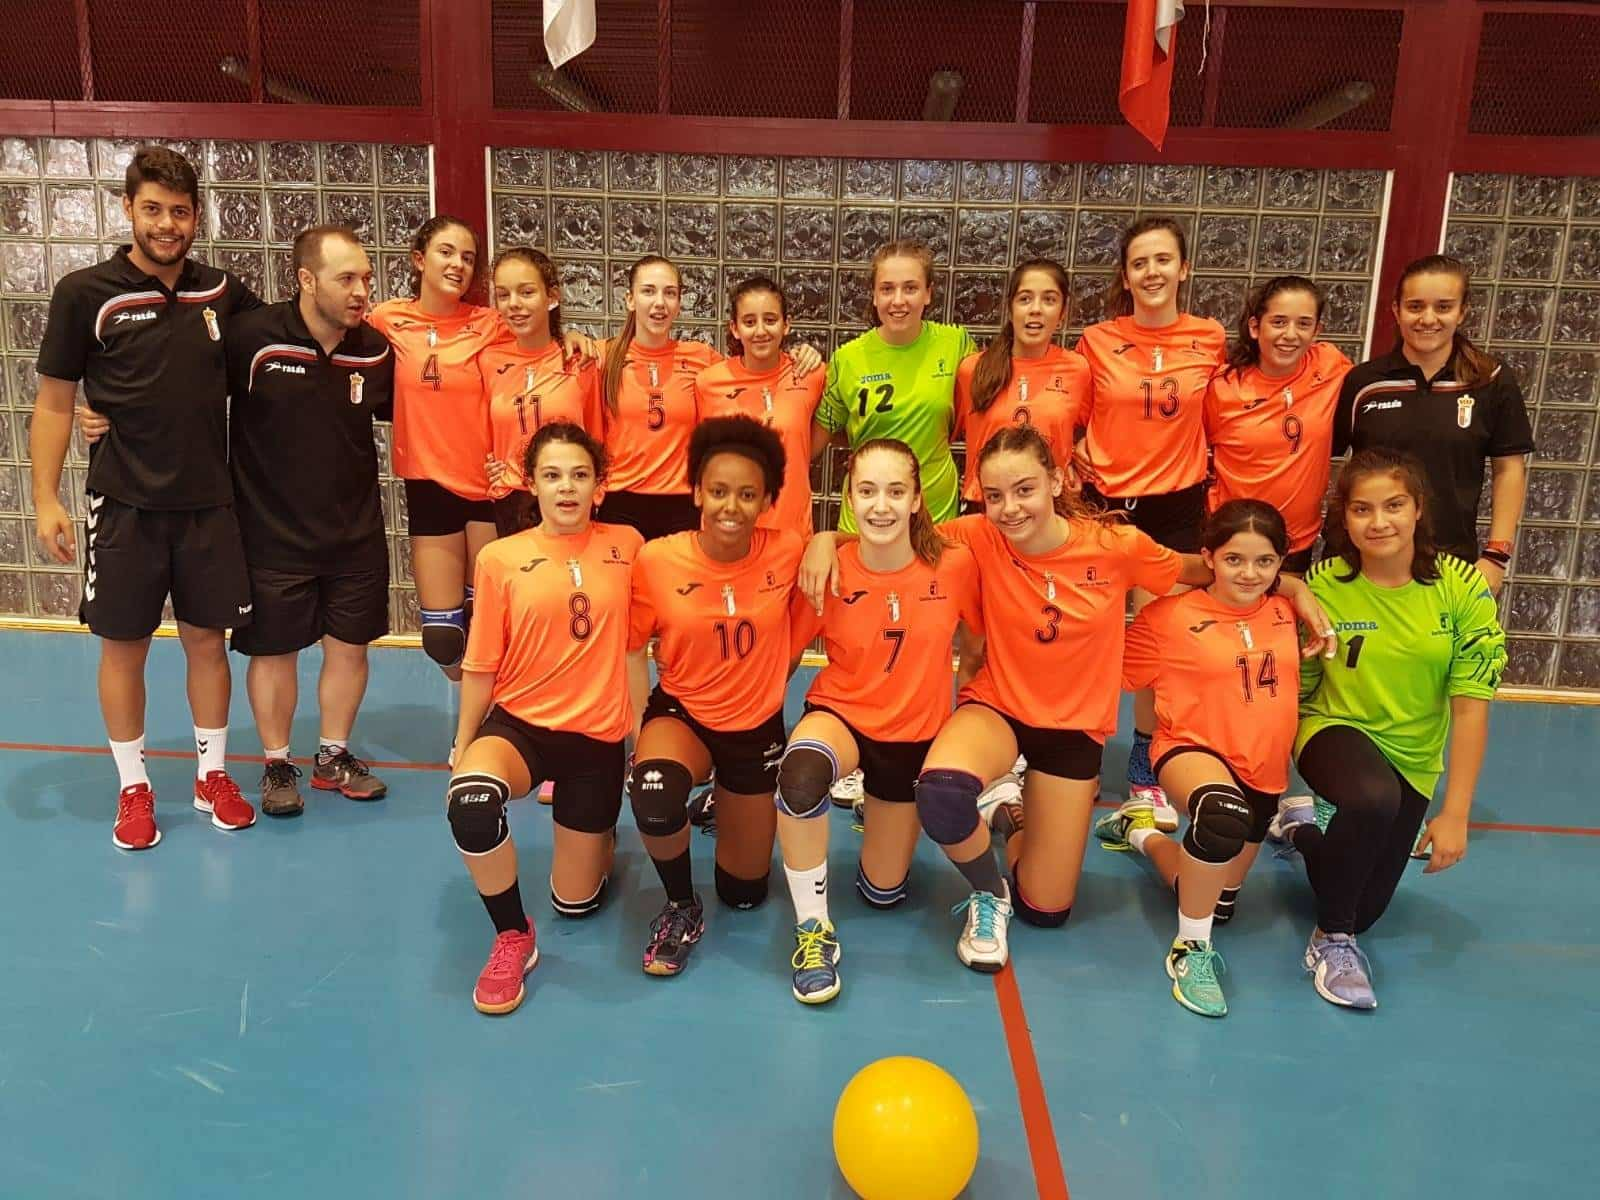 Herencianas campeonas con la selección en el Torneo de Balonmano de Cangas de Narcea 3